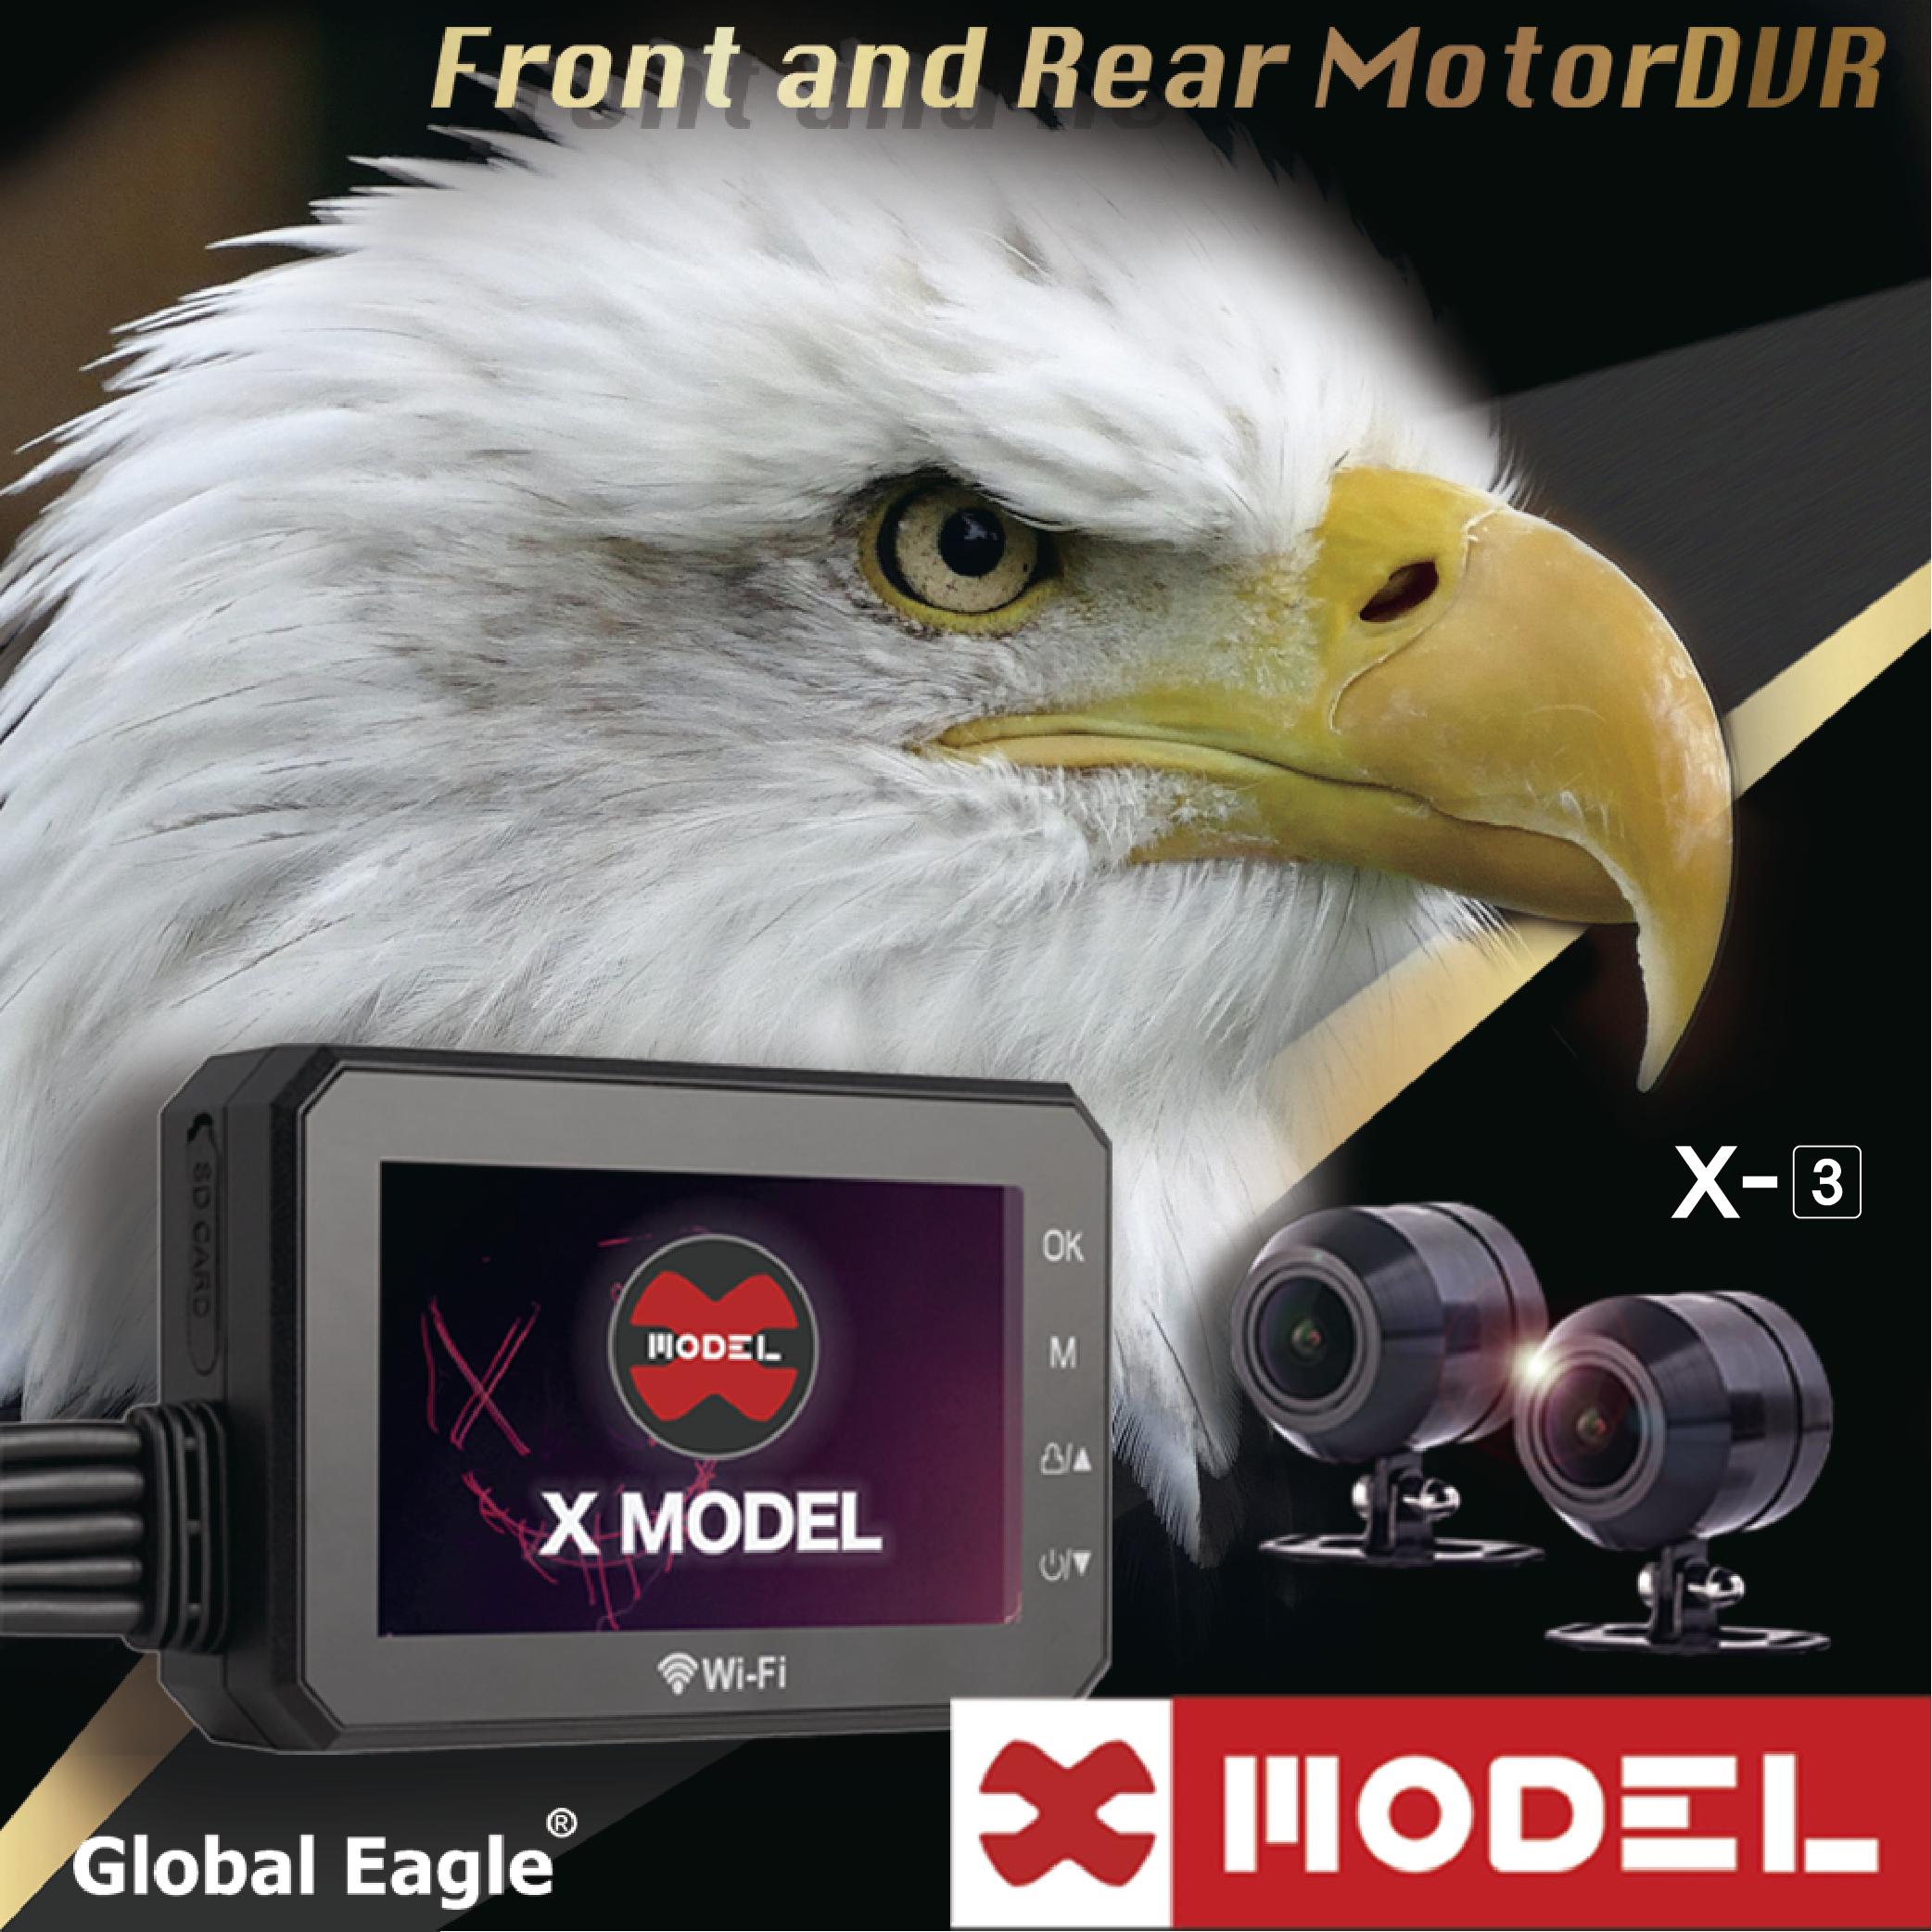 送32G卡【 響尾蛇X3 X-MODEL 】機車用行車記錄器/紀錄器/前後1080P/WIFI/防水防塵/156度廣角/SONY鏡頭/台灣製造/全球鷹/另售X2